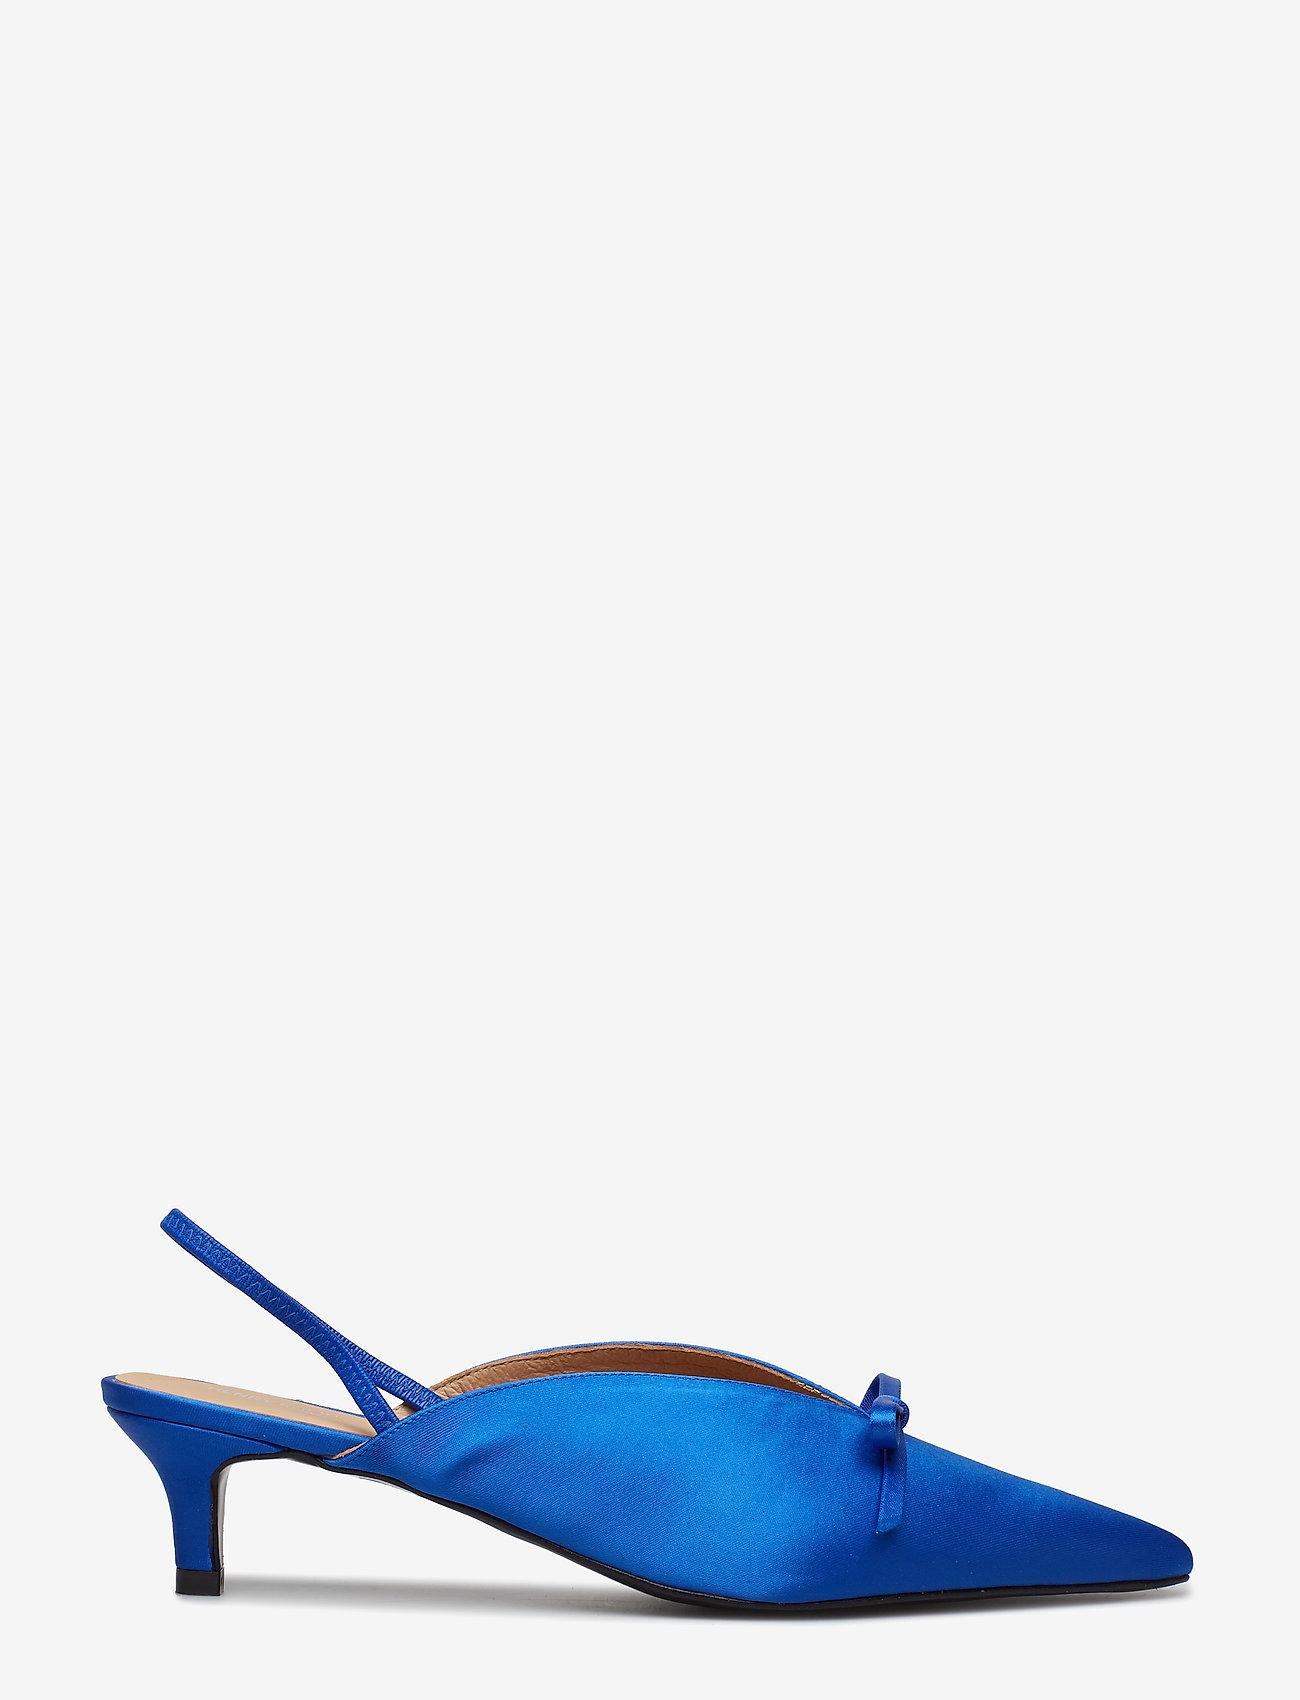 Amelie Satin Blue (Blue) - Henry Kole LFToJK